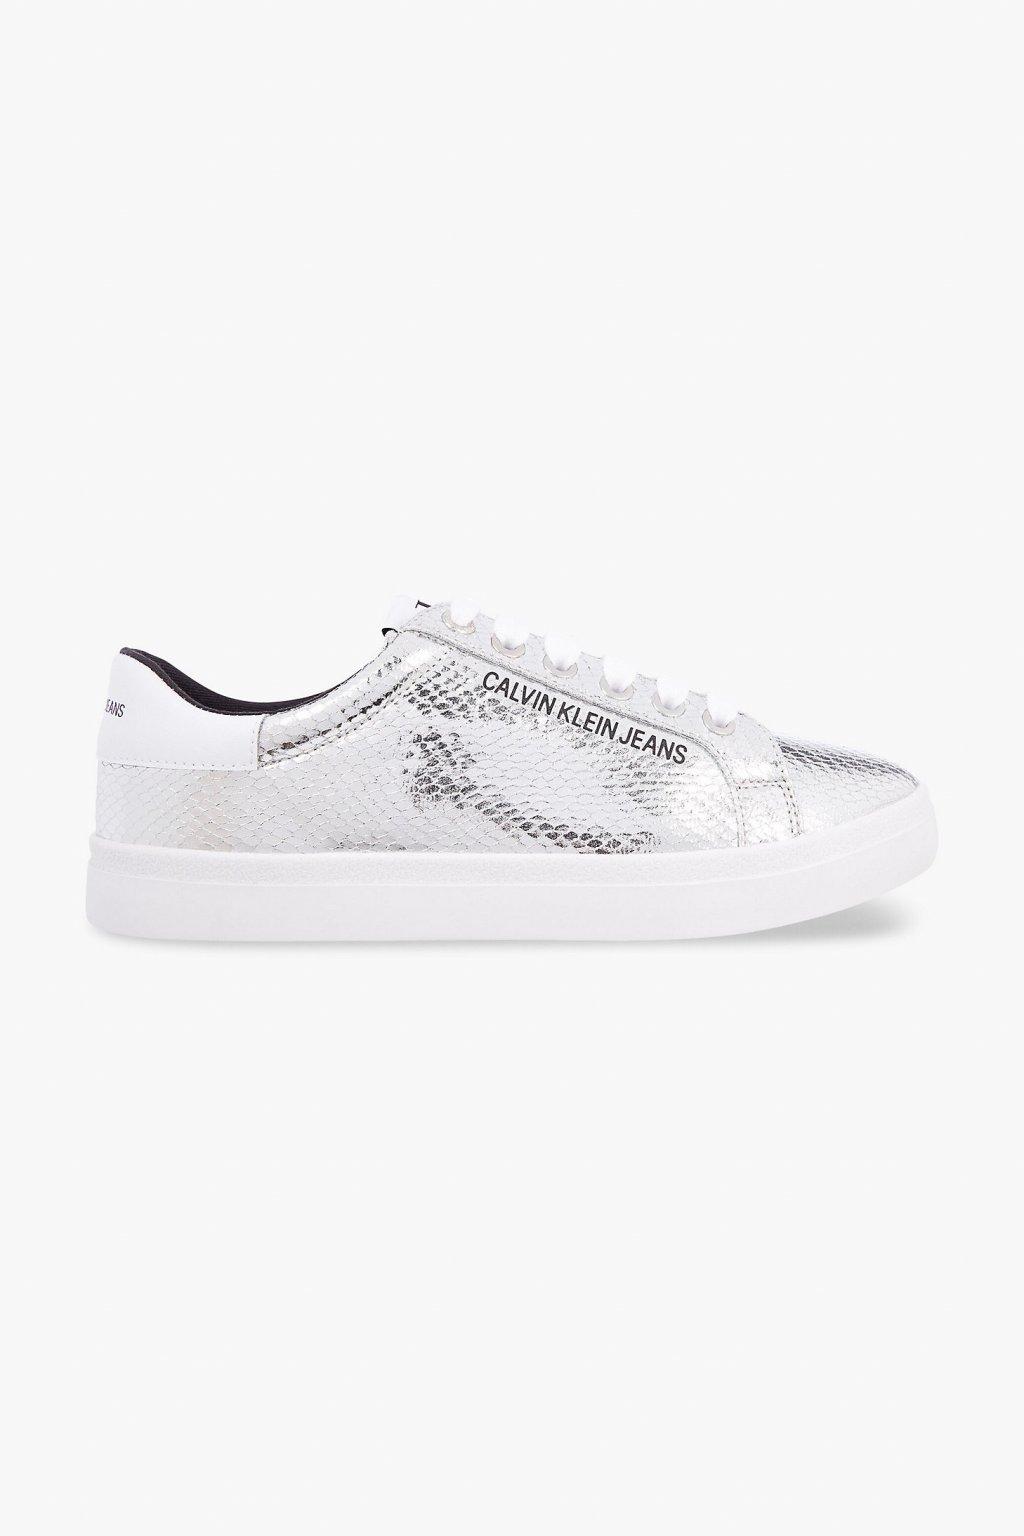 Calvin Klein Jeans Python tenisky dámské - stříbrné